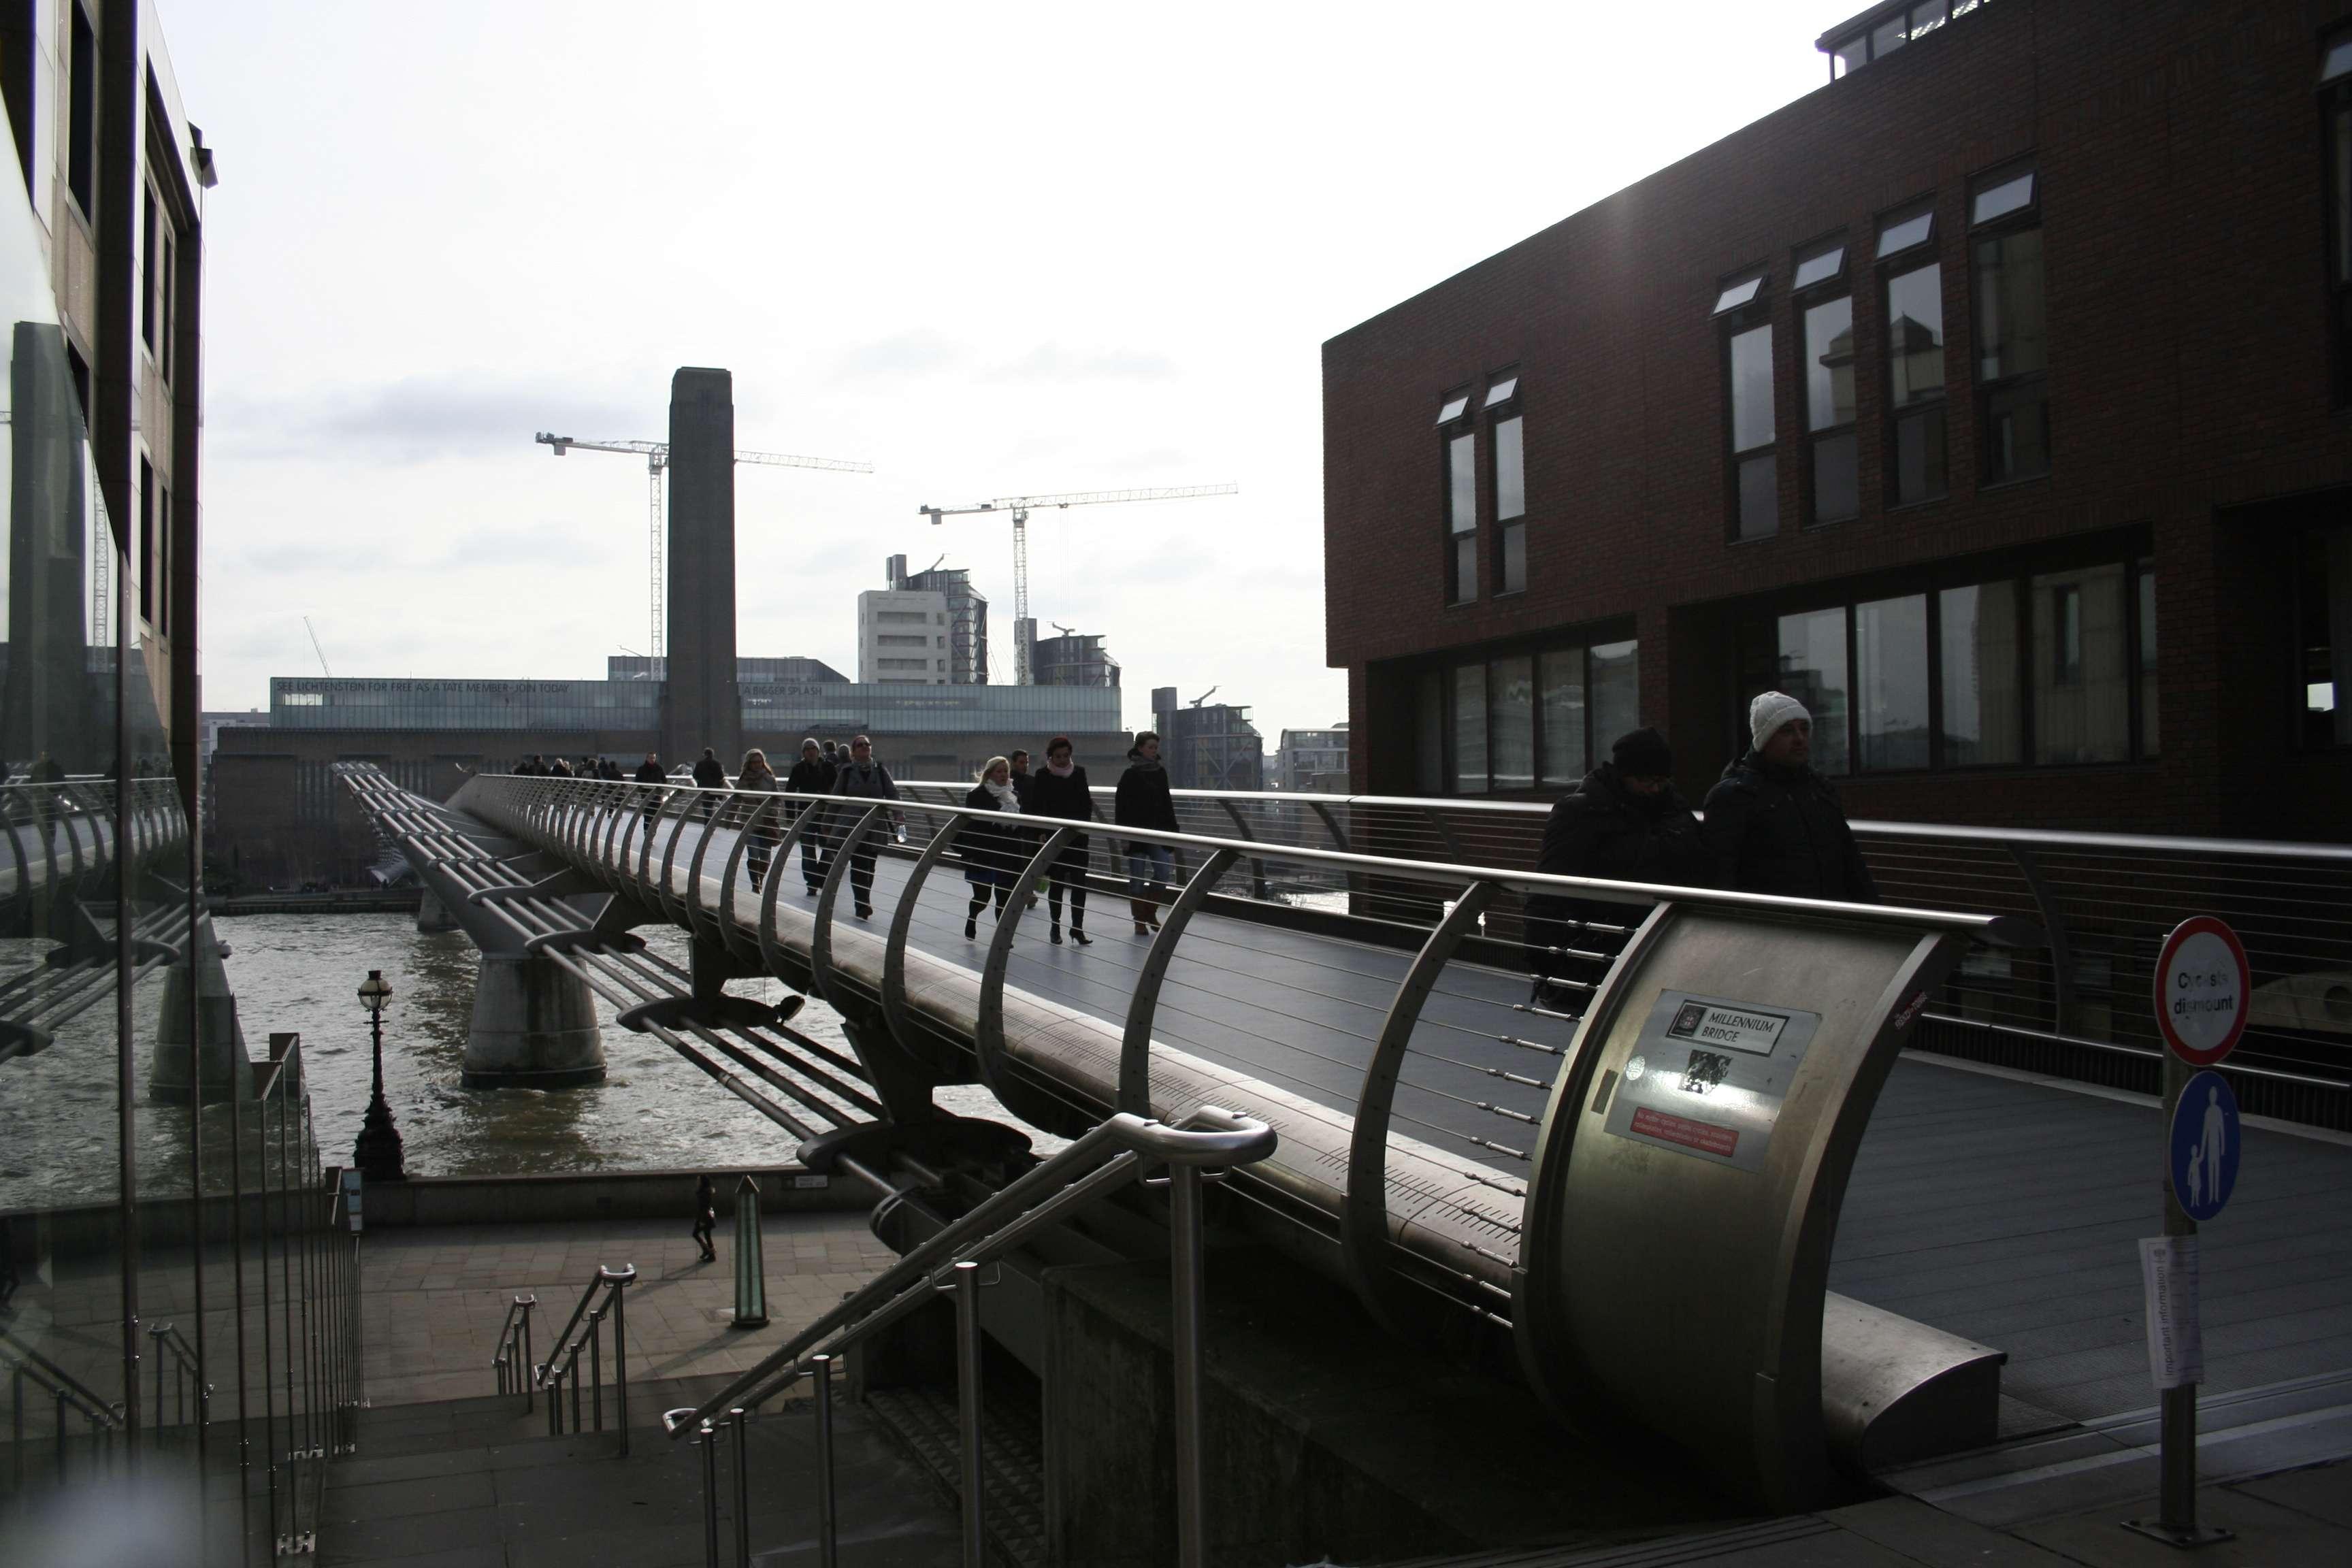 London_0080 millenium bridge